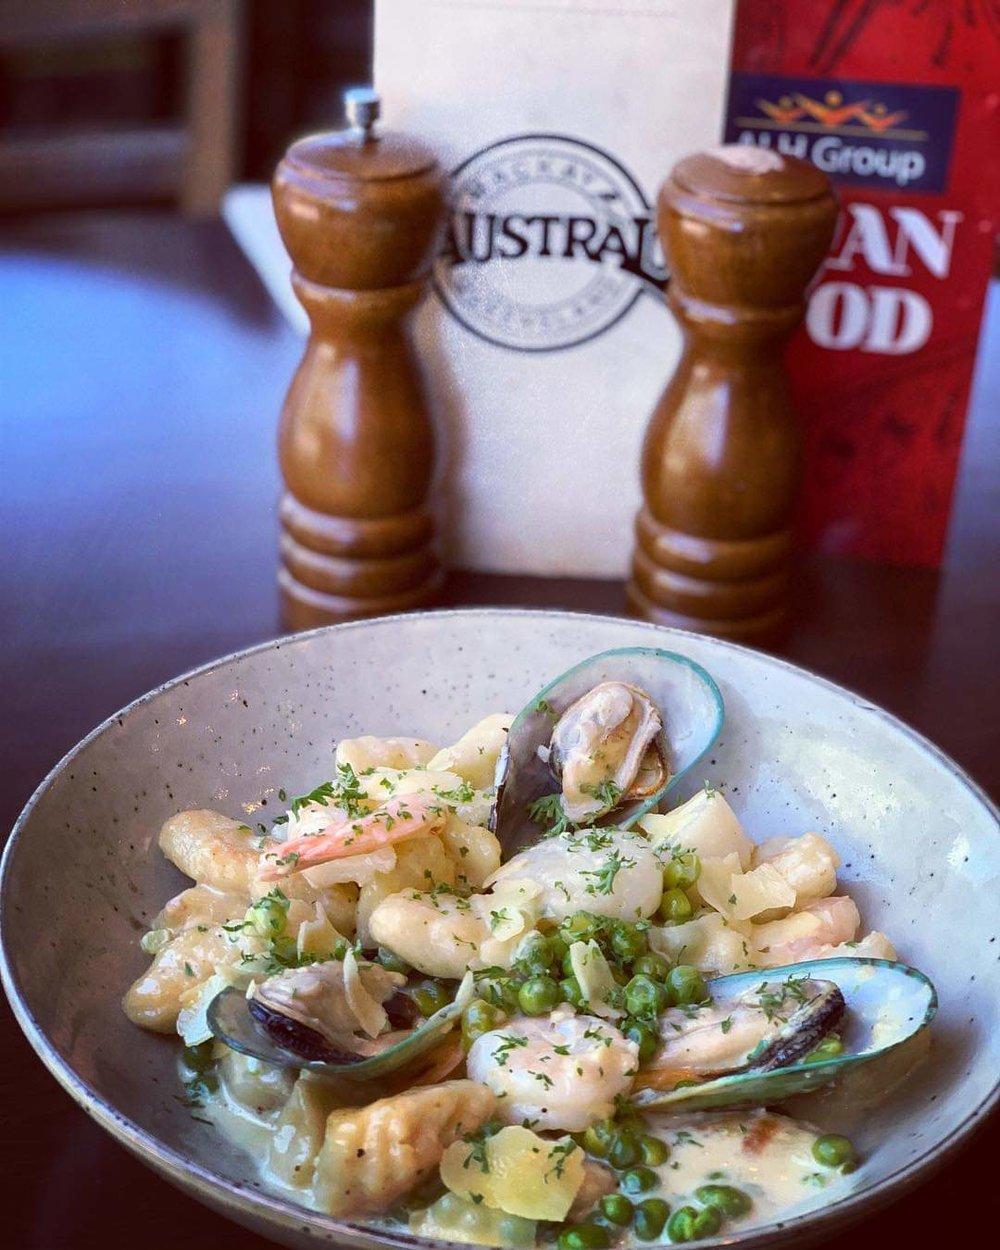 Austral Hotel Food (5).jpg